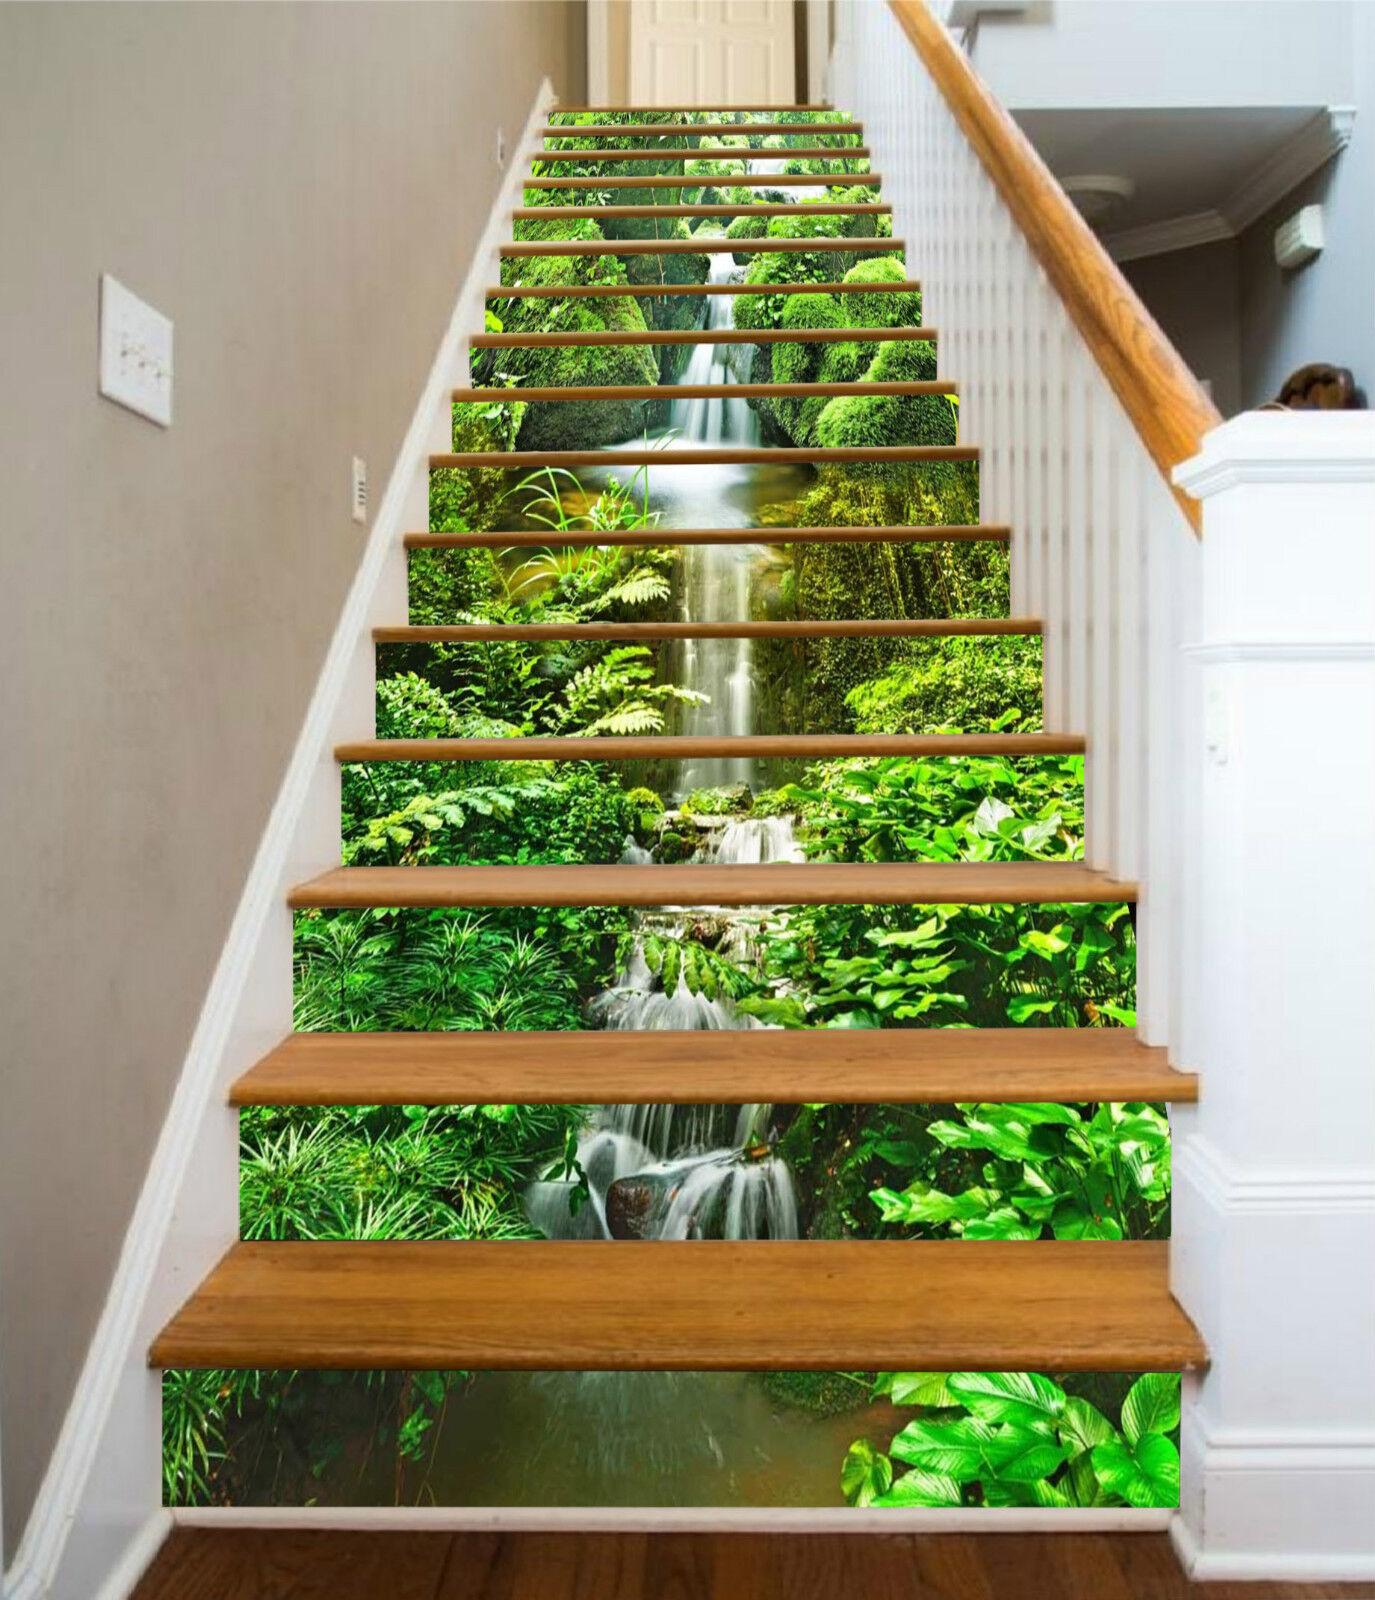 3d belle ruisseau 23 Stair Risers Décoration Papier Peint Vinyle Autocollant Papier Peint De